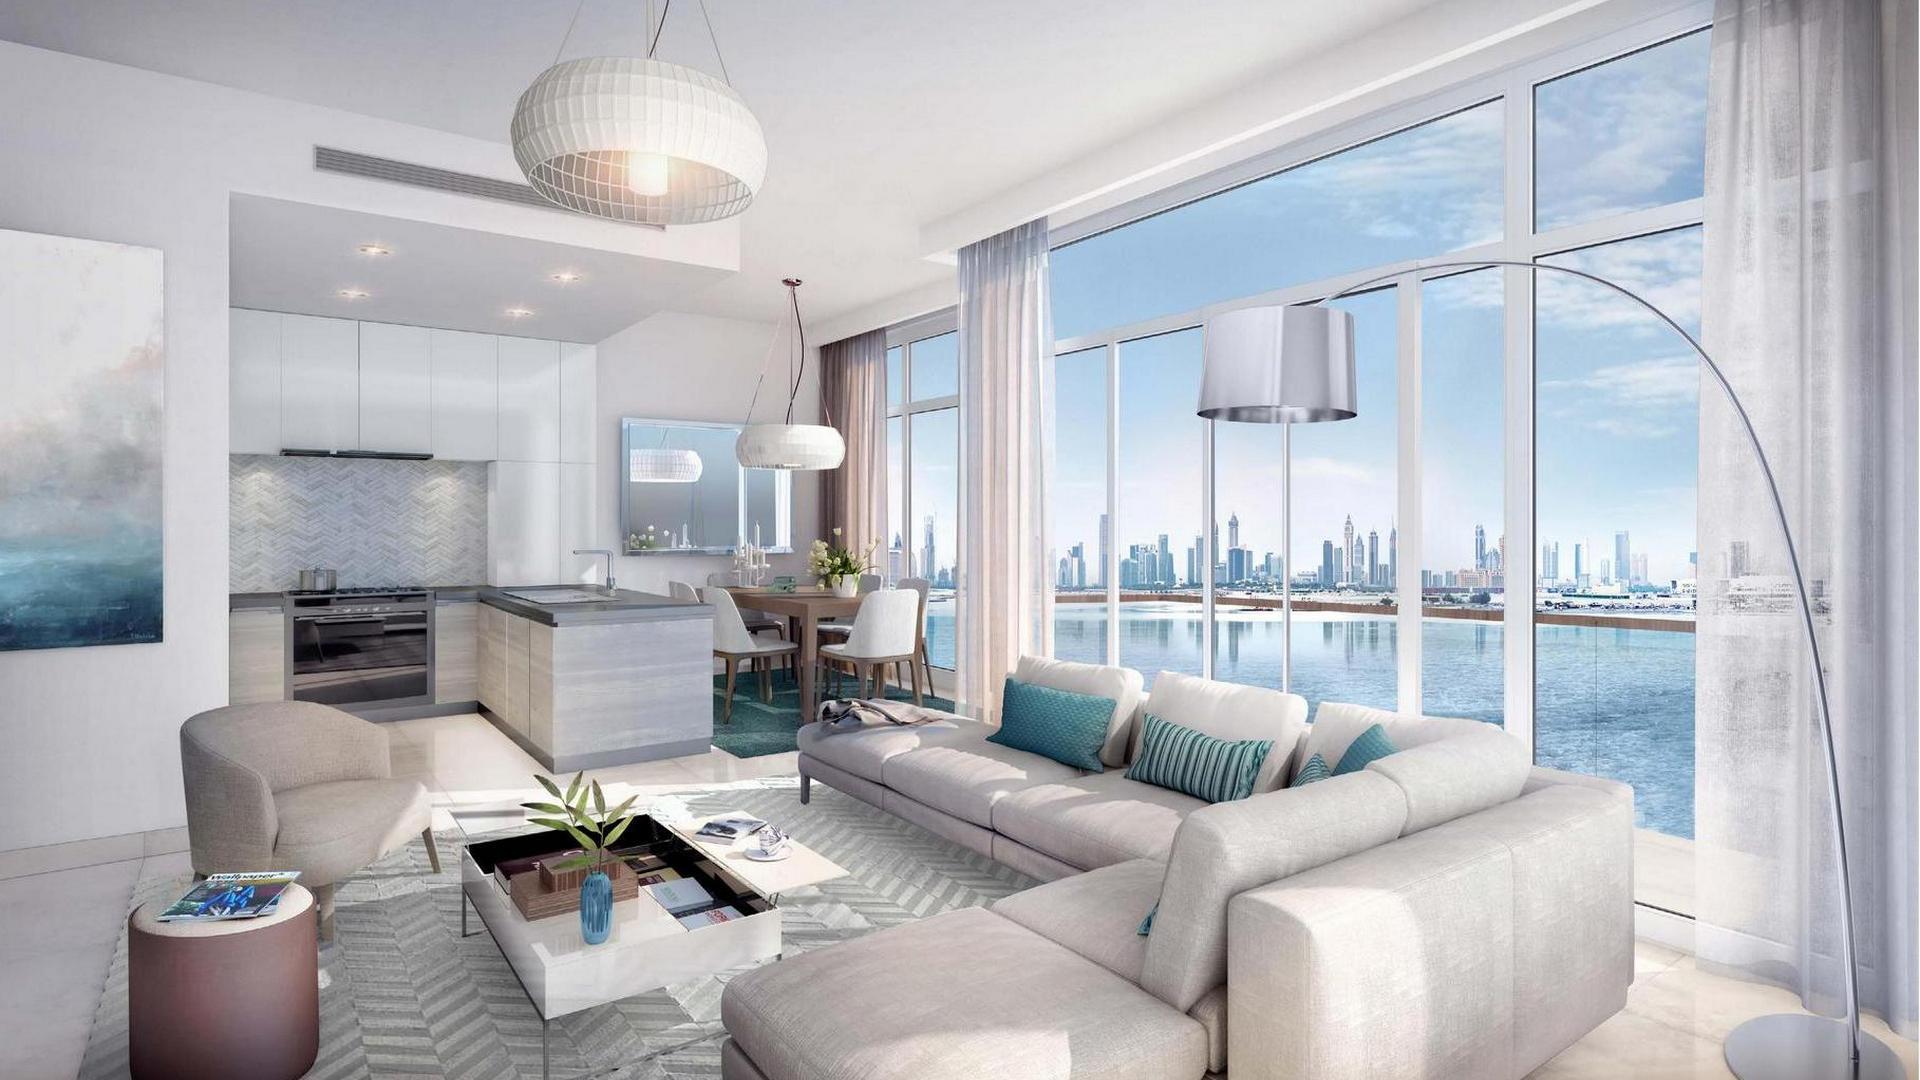 Apartamento en venta en Dubai, EAU, 4 dormitorios, 218 m2, № 24566 – foto 1